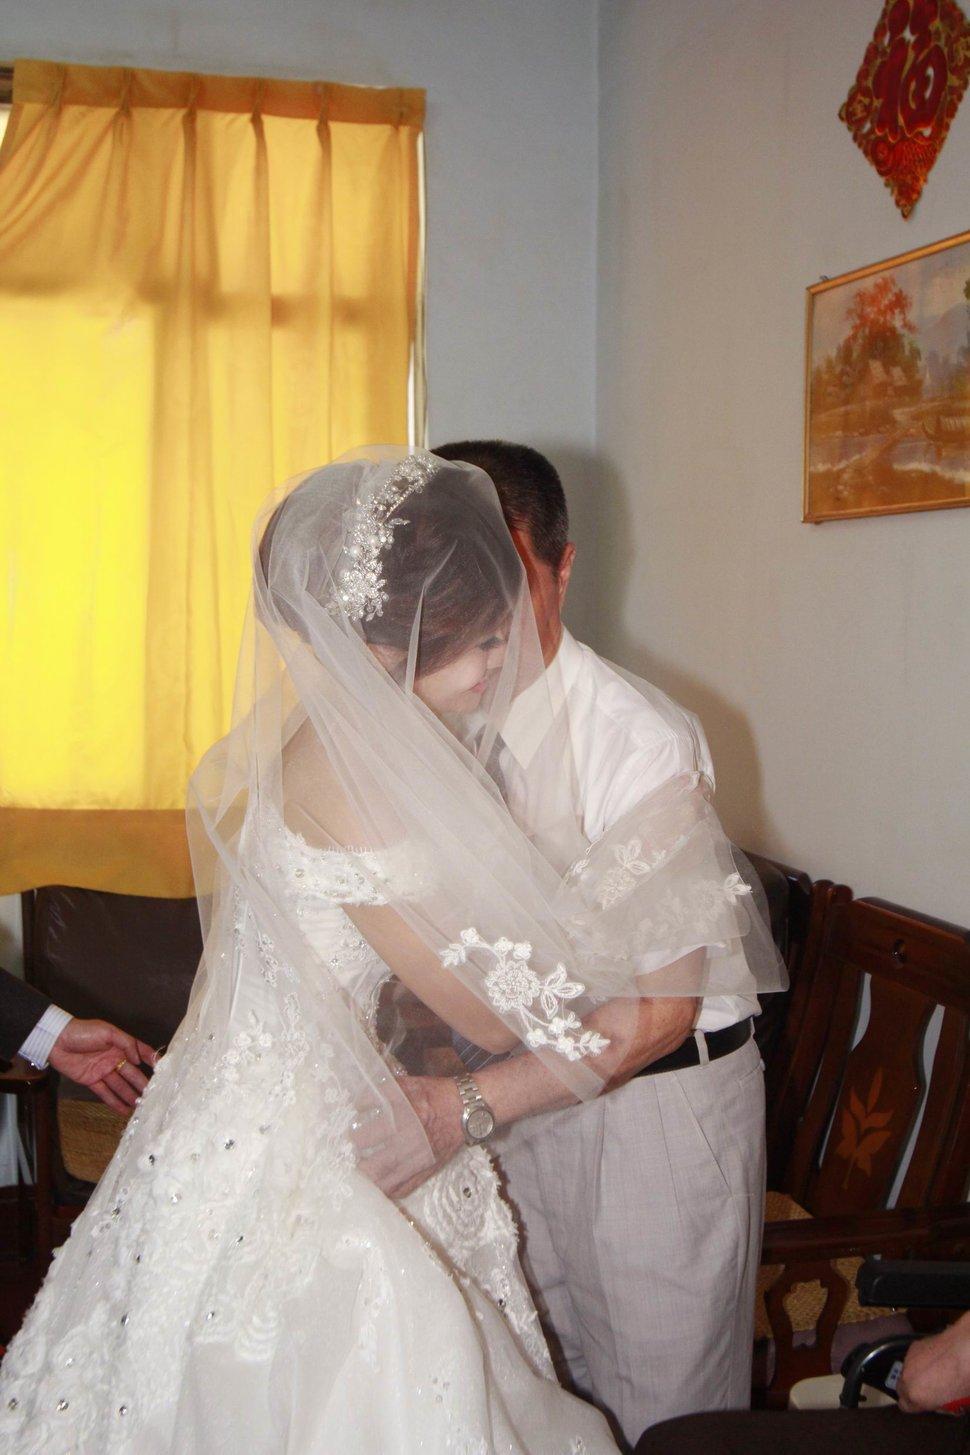 永和易牙居婚宴廣場宴會廳婚婚禮記錄結婚迎娶婚禮記錄動態微電影錄影專業錄影平面攝影婚攝婚禮(編號:213023) - 蜜月拍照10800錄影12800攝影團隊 - 結婚吧